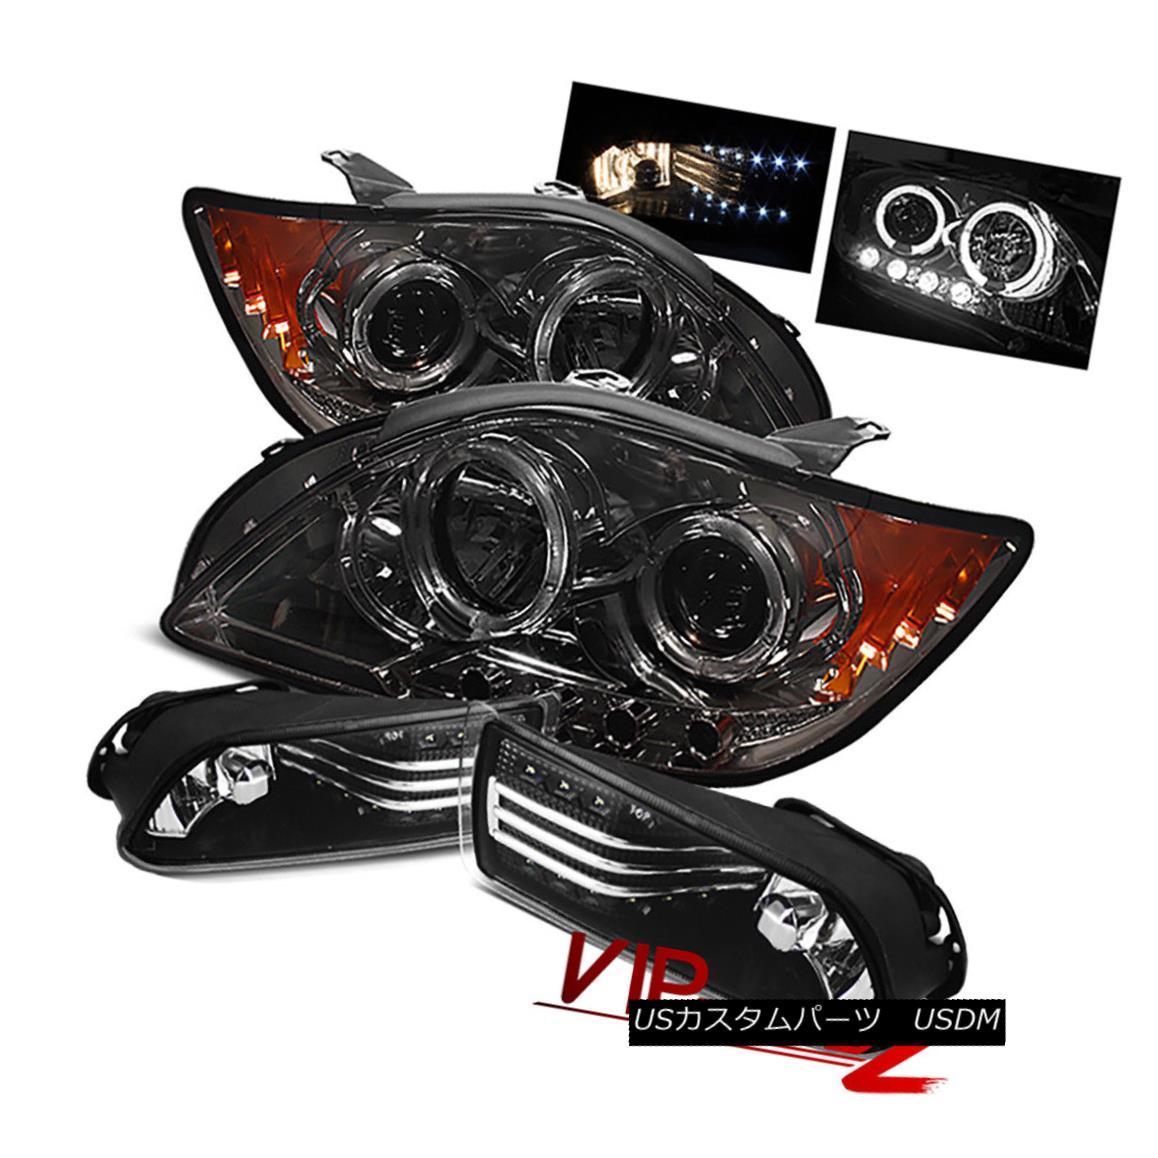 ヘッドライト Smoke/Chrome Halo Projector SMD DRK Headlight+LED Tail Light Lamp 05-07 Scion tC Smoke / Chrome HaloプロジェクターSMD DRKヘッドライト+ LEDテールライトランプ05-07 Scion tC